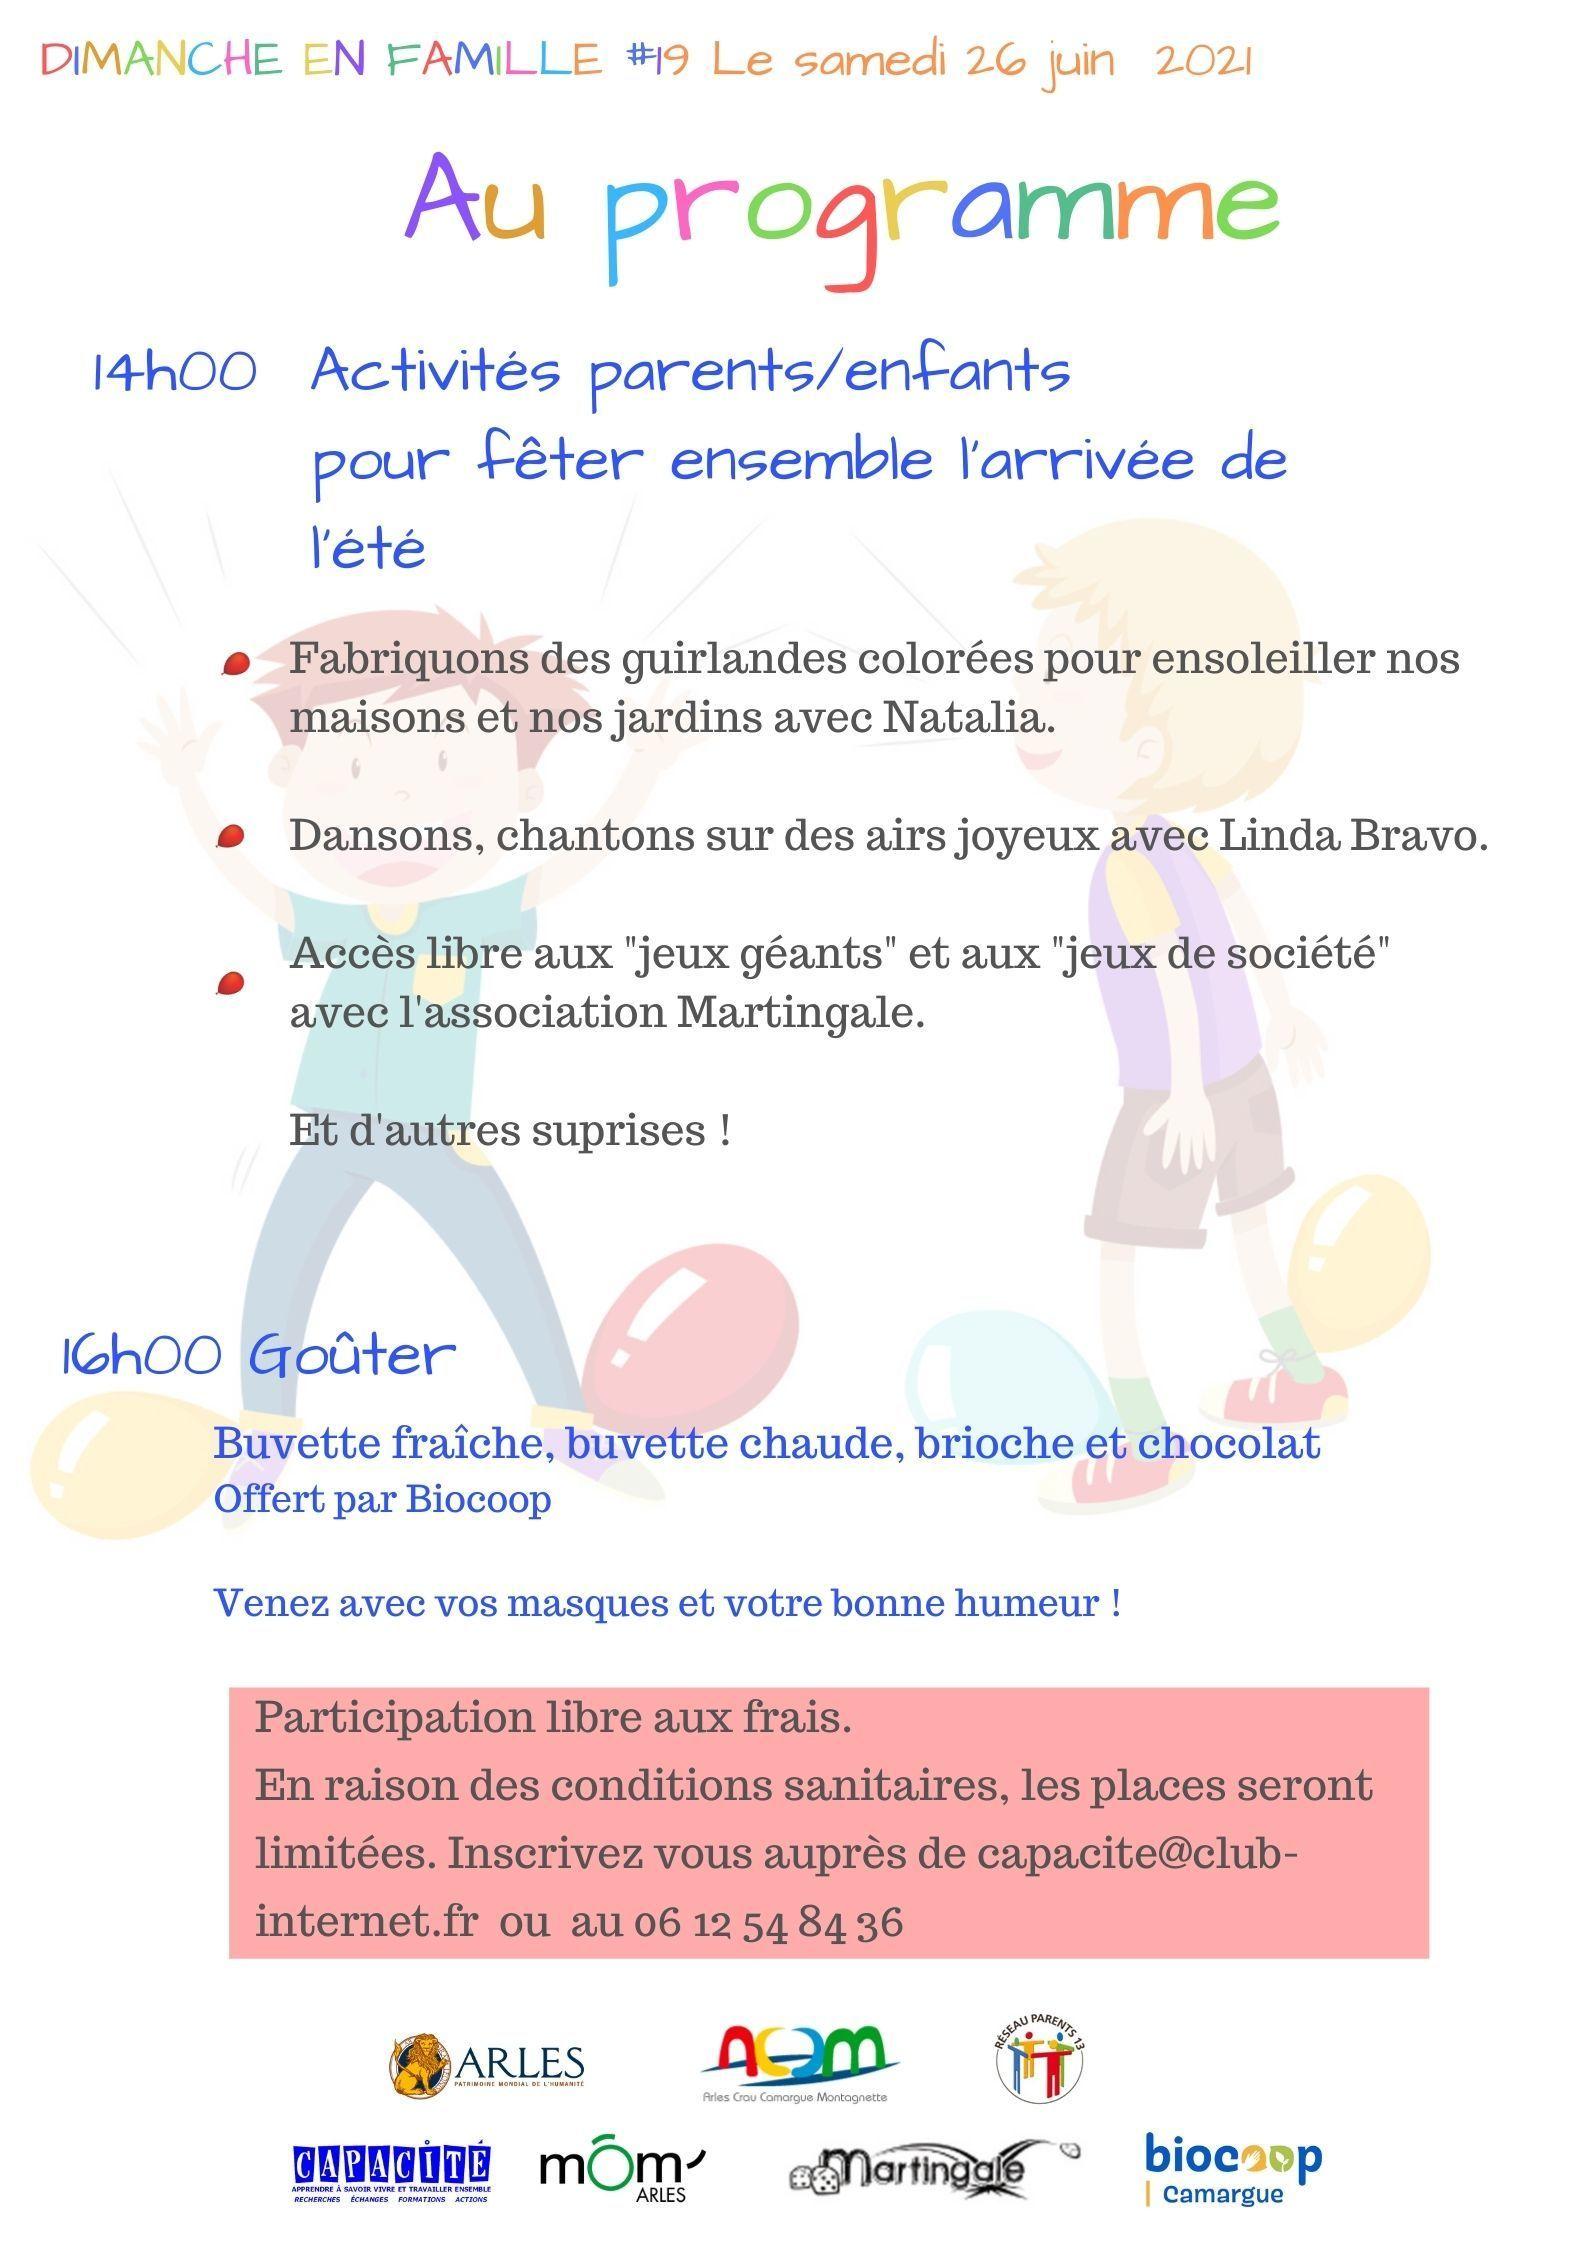 Un programme d'activités Parents/Enfants pour jouer, rire, se cultiver et passer du bon temps ensemble : atelier créatif, musique, chants et danse, jeux de groupe et de société.